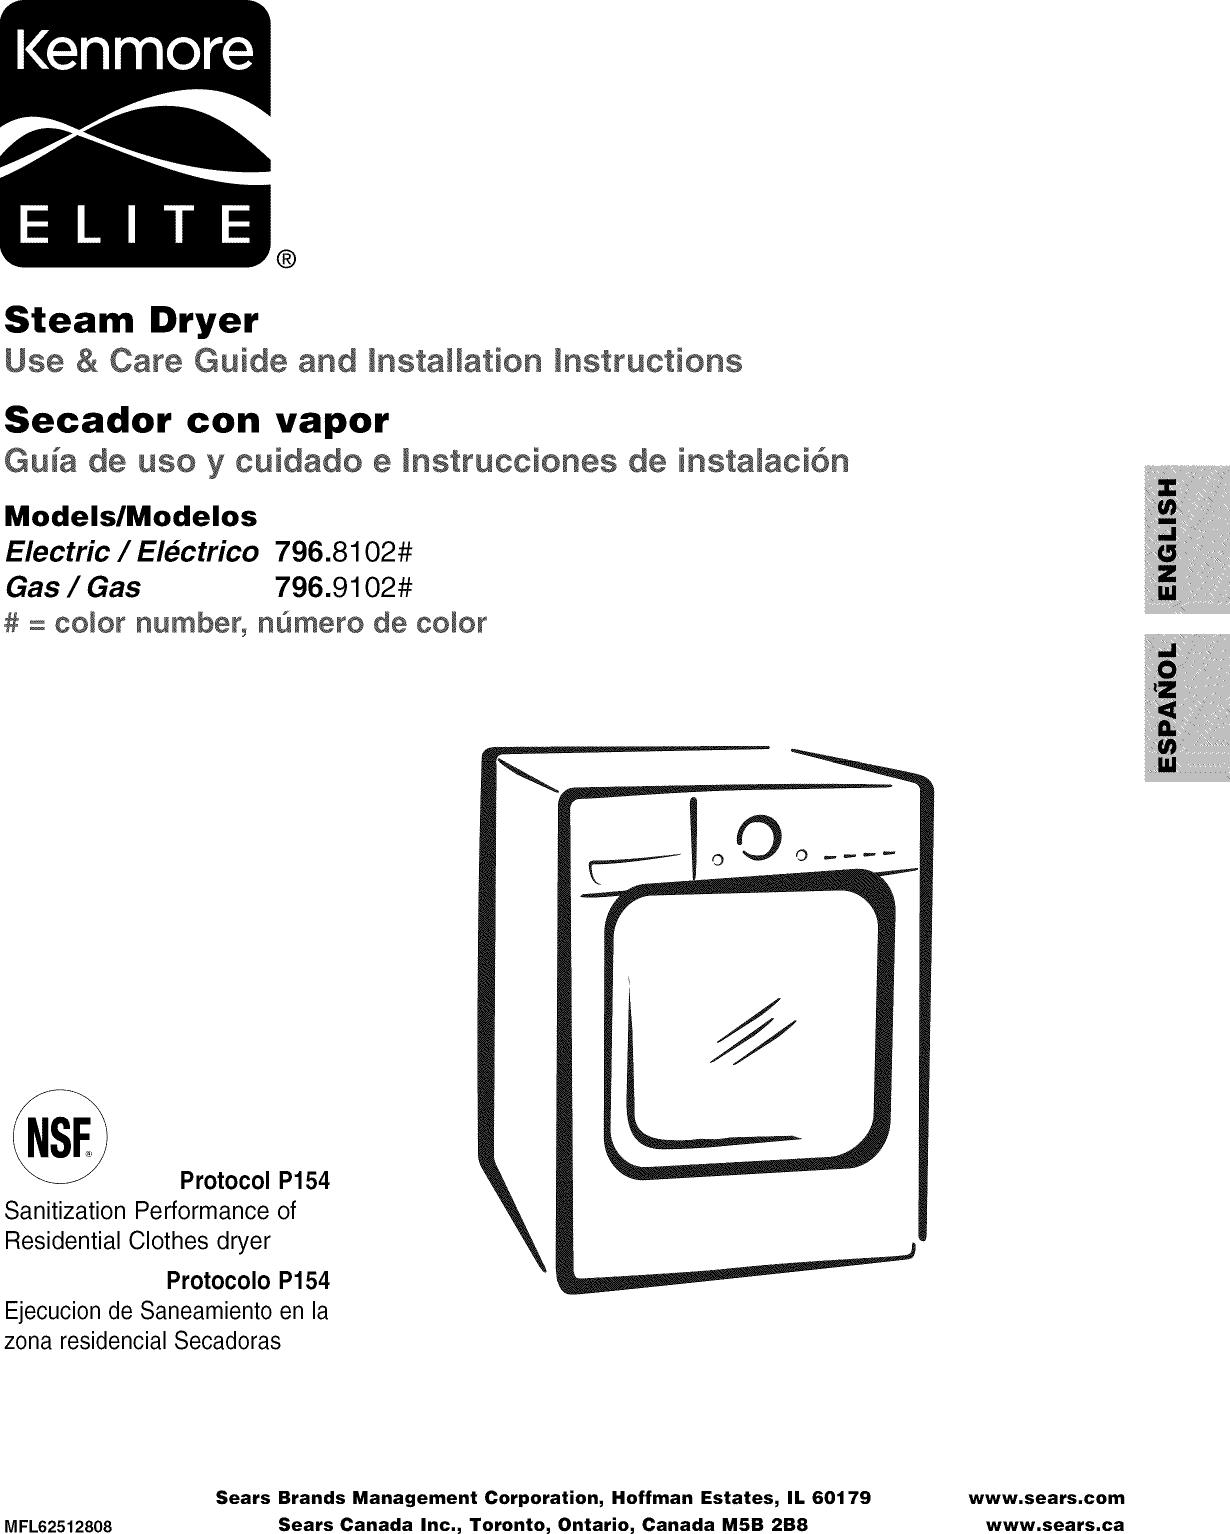 kenmore elite dryer owners manual